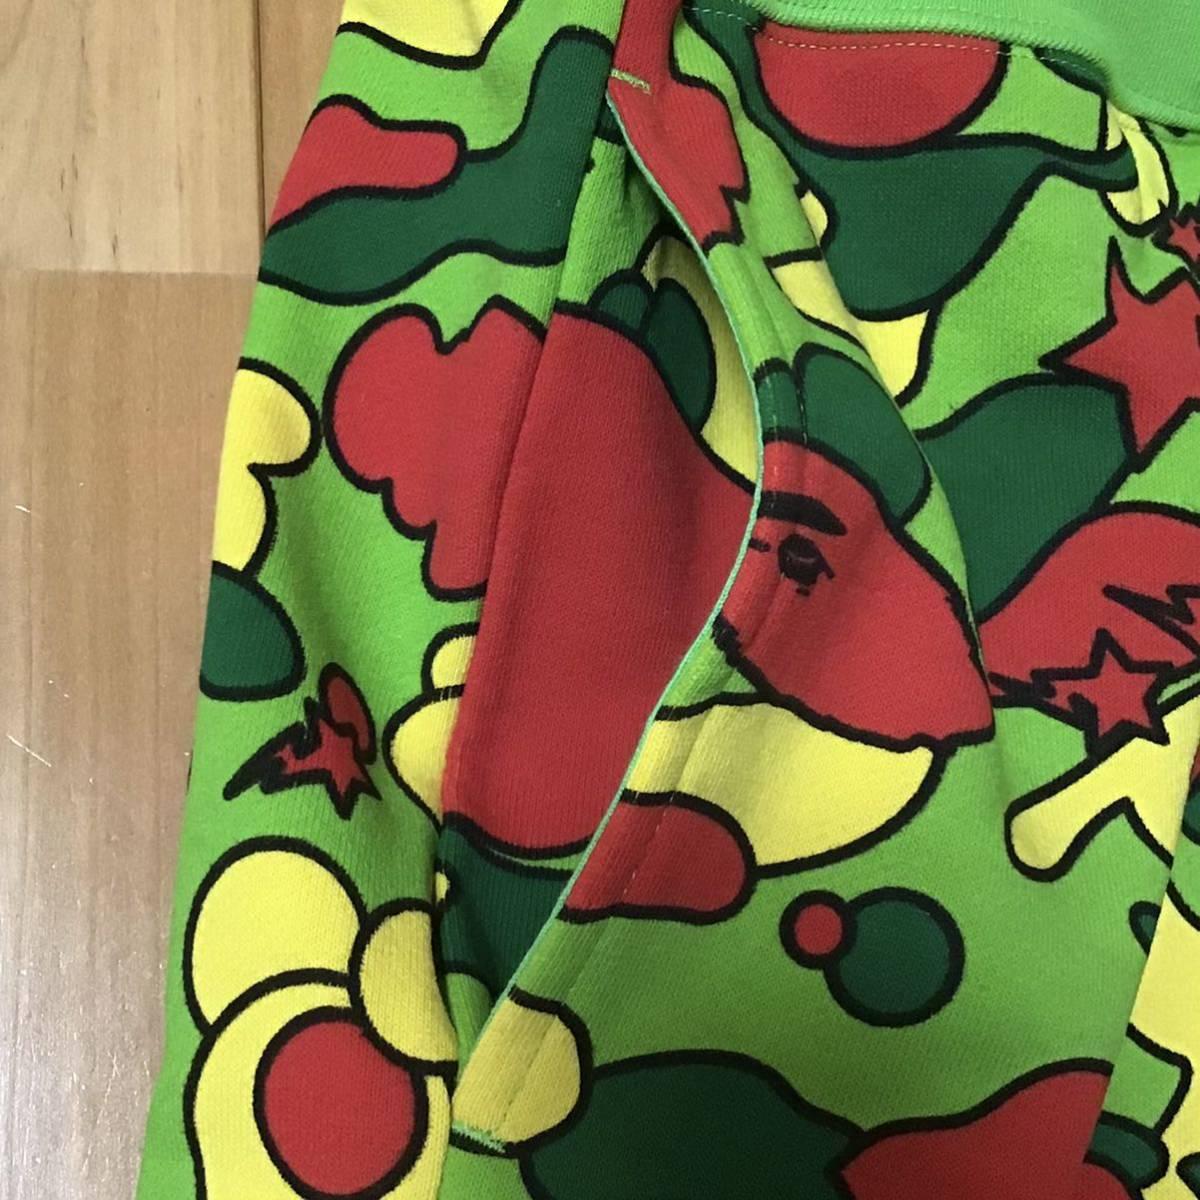 ★新品★ XLサイズ PSYCHE CAMO スウェット ハーフパンツ a bathing ape BAPE sweat shorts エイプ ベイプ アベイシングエイプ ショーツ g8